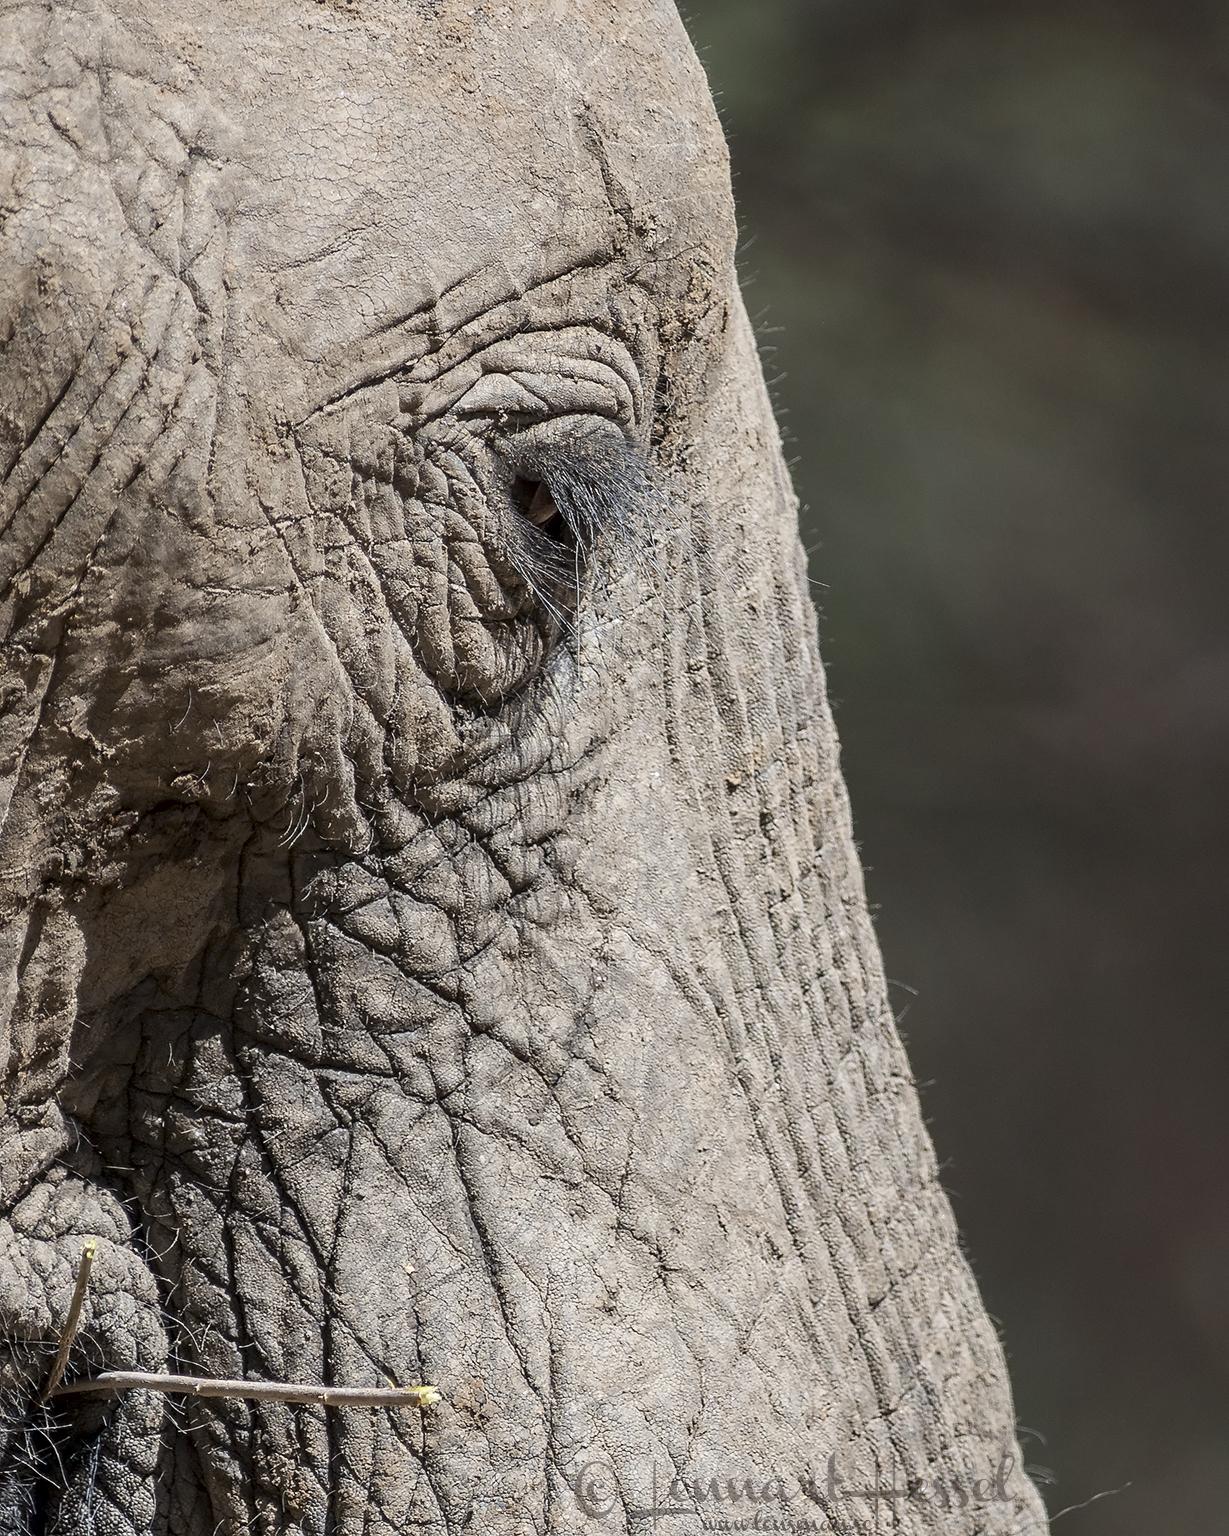 Elephant eye Mana Pools National Park, Zimbabwe